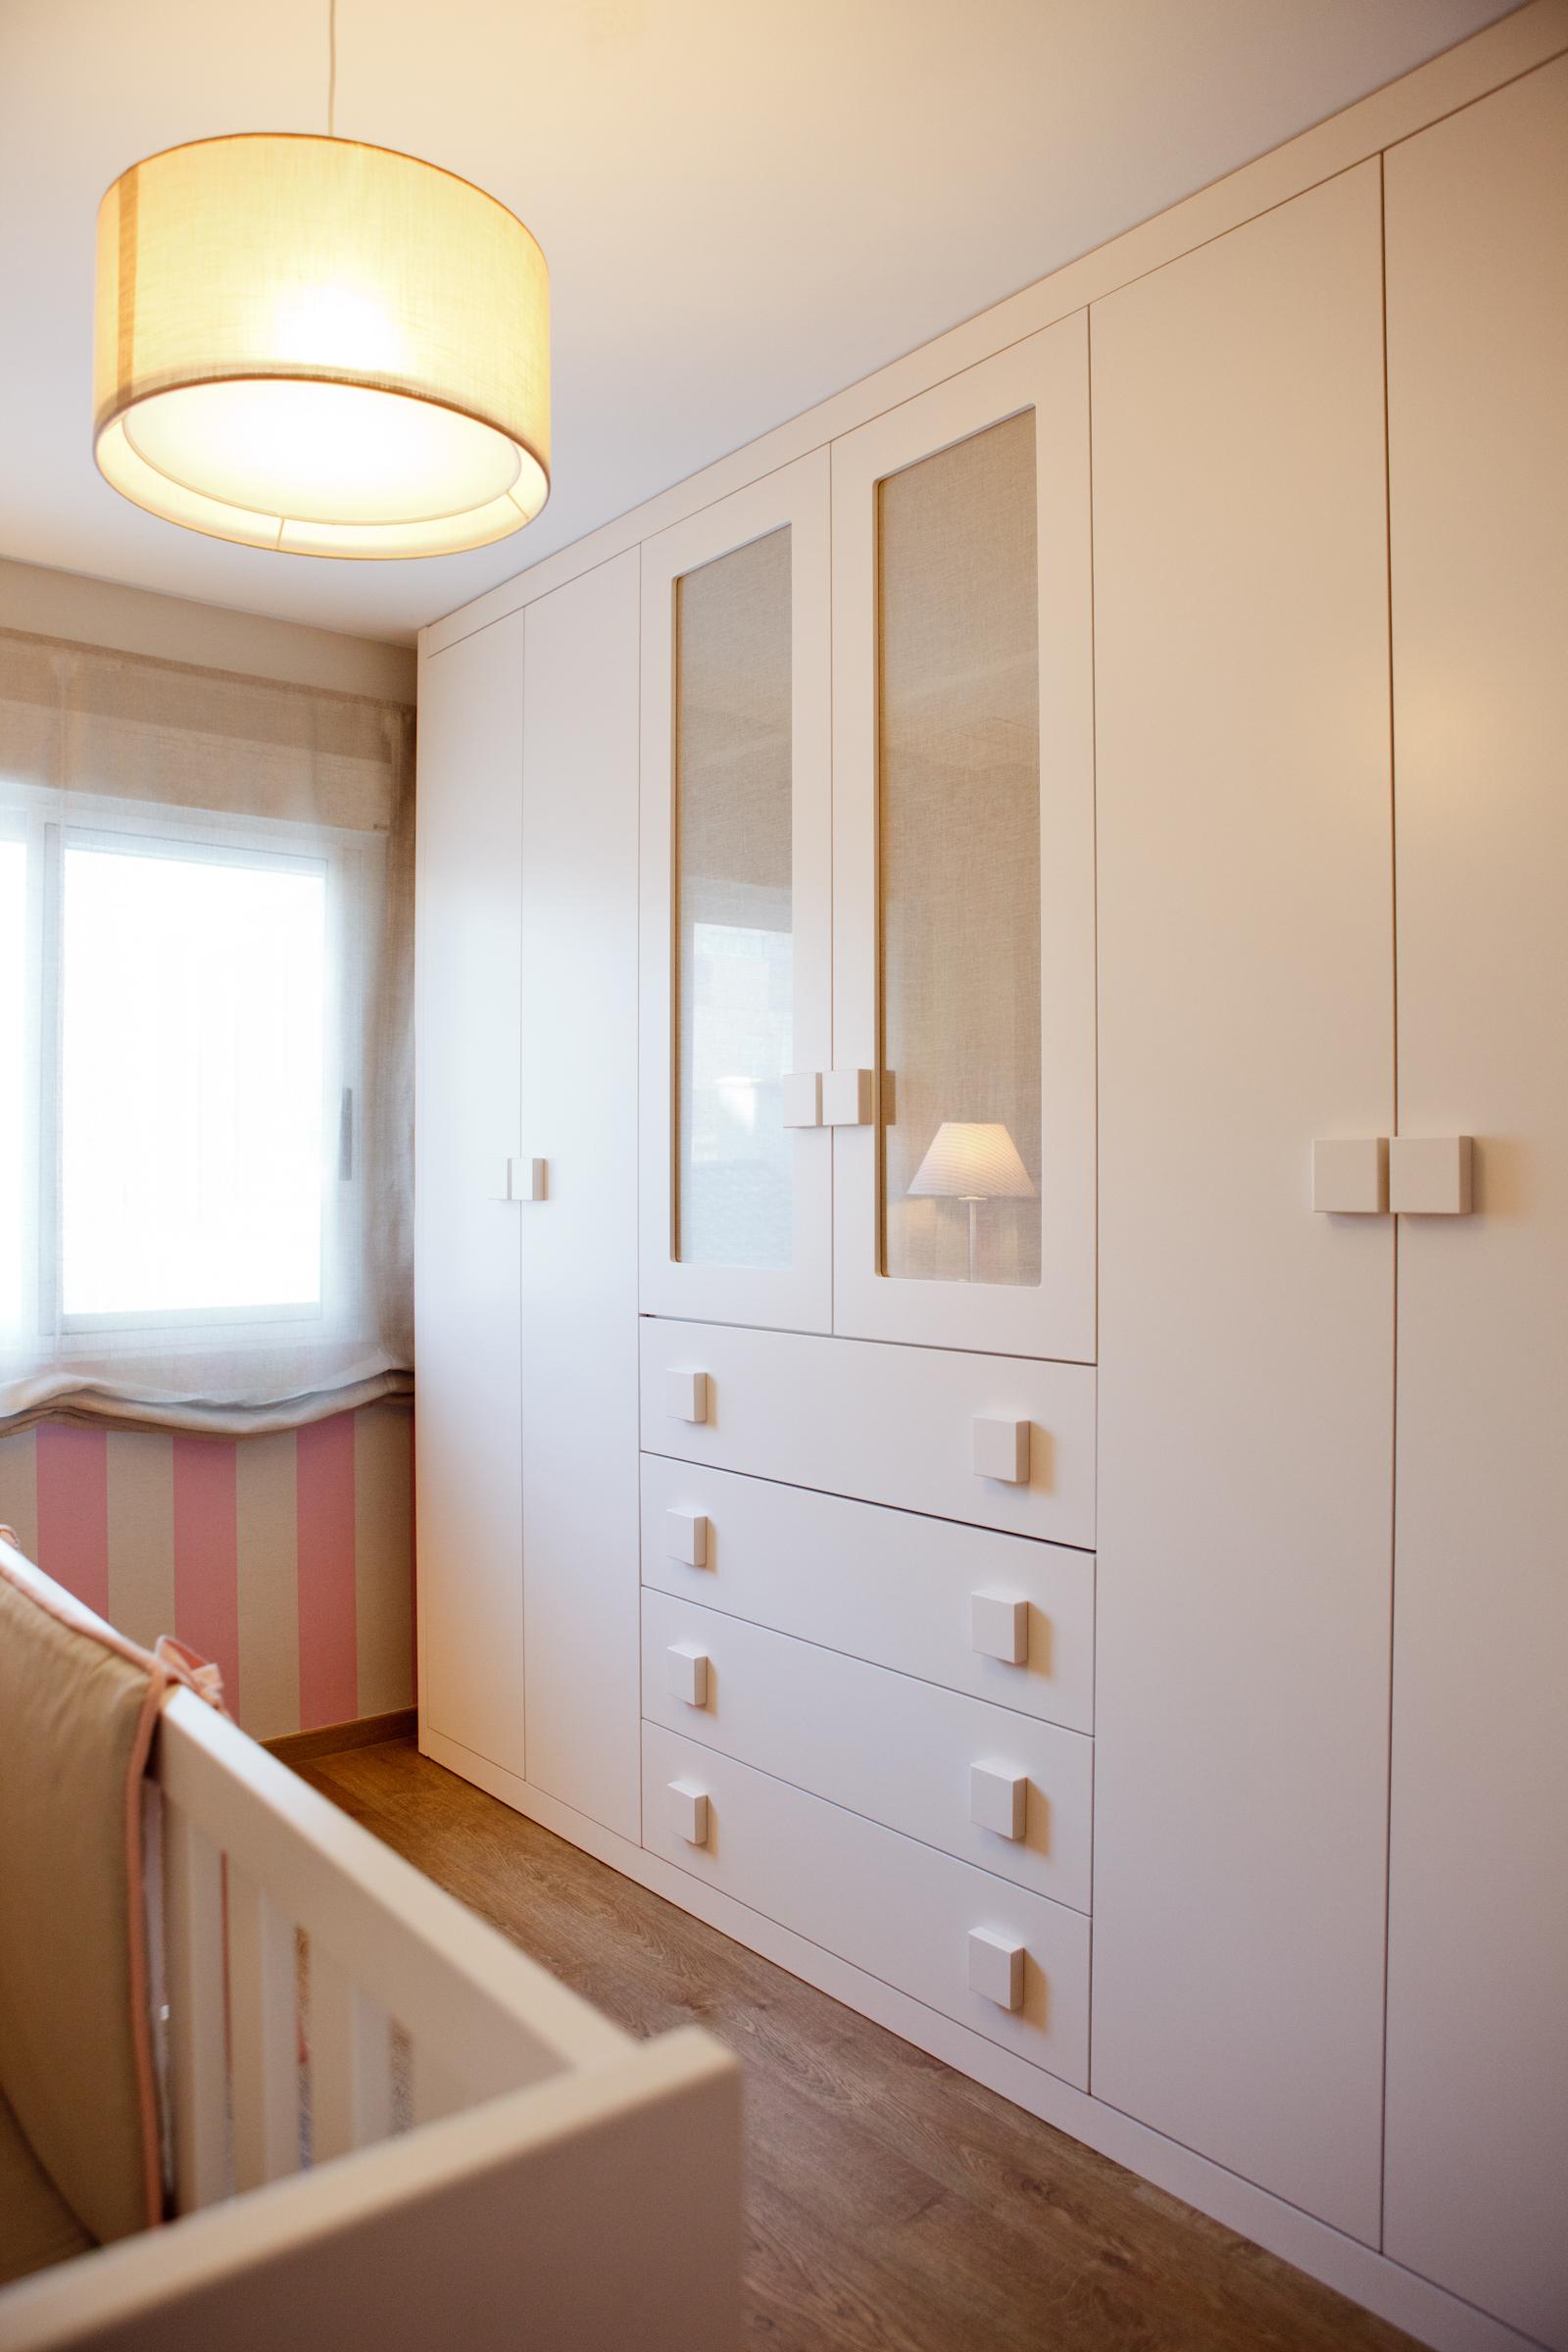 Habitacion bebe muebles madera